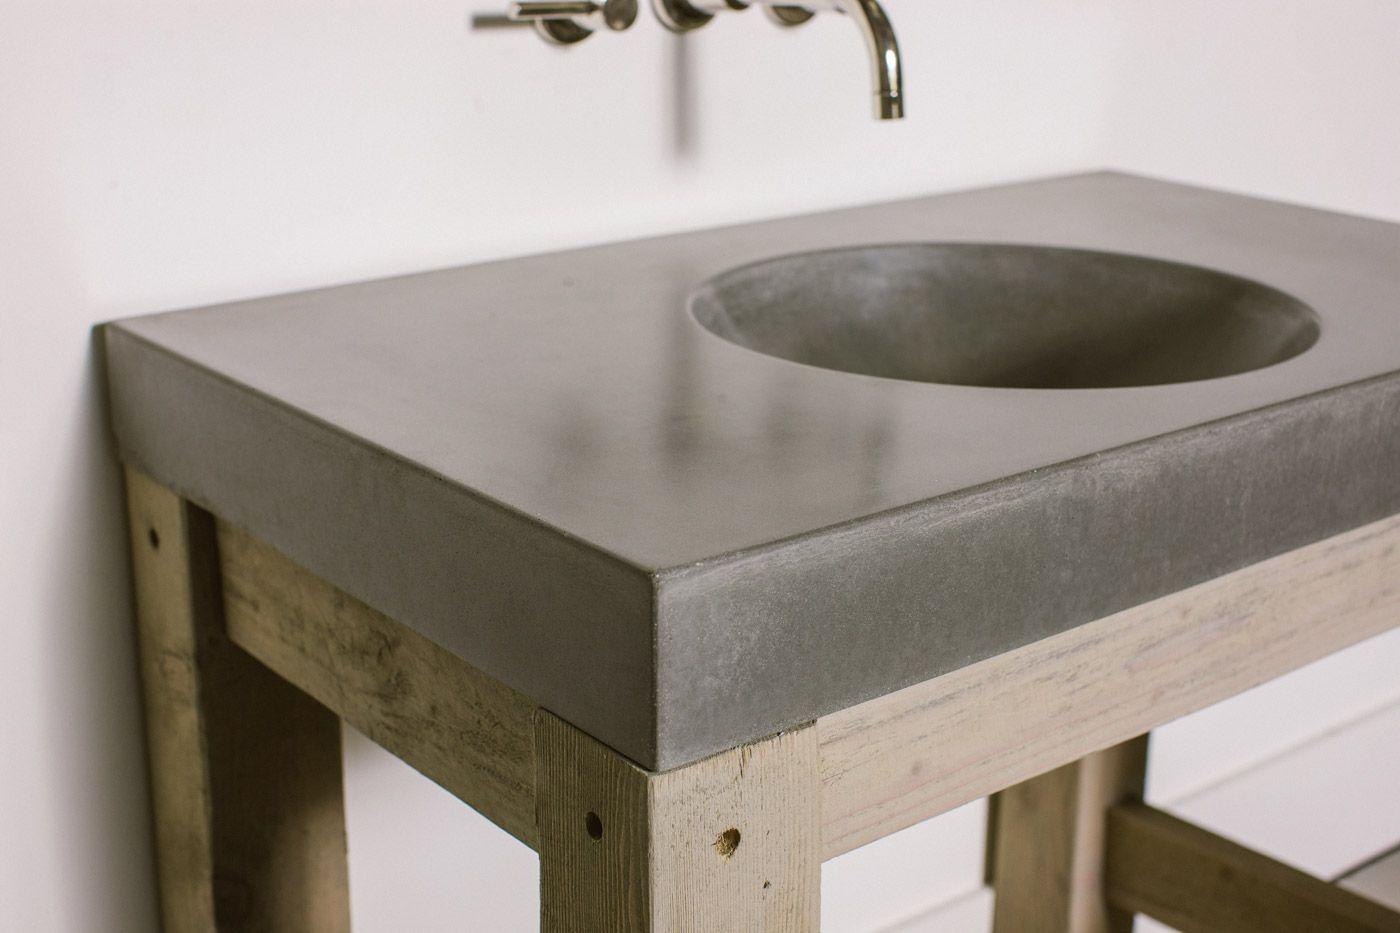 Concrete Sinks orb sink - concrete wave design | concrete countertops, fireplaces